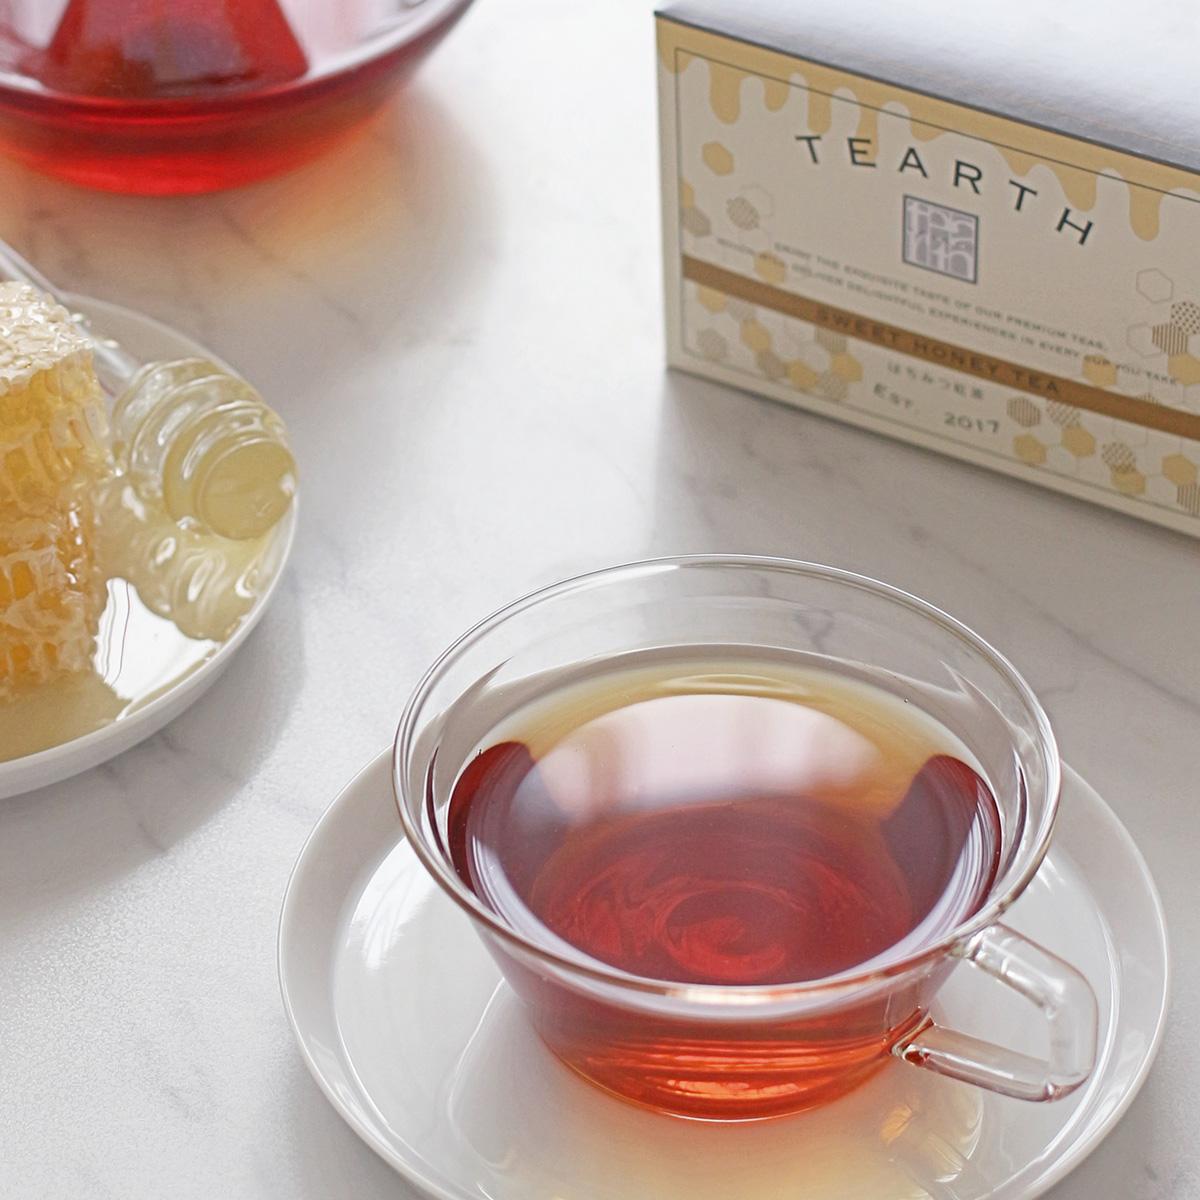 プレゼントにも最適 甘くて美味しいはちみつ紅茶 送料無料 はちみつ紅茶 2gx25包x1箱 蜂蜜紅茶 紅茶 無料 ギフト 手土産 激安 お買い得 キ゛フト ティーアース 上品な蜂蜜の甘みがやみつきに プレゼント は外資系ホテル御用達の高級茶葉ブランドです にも最適 TEARTH ティーバッグ